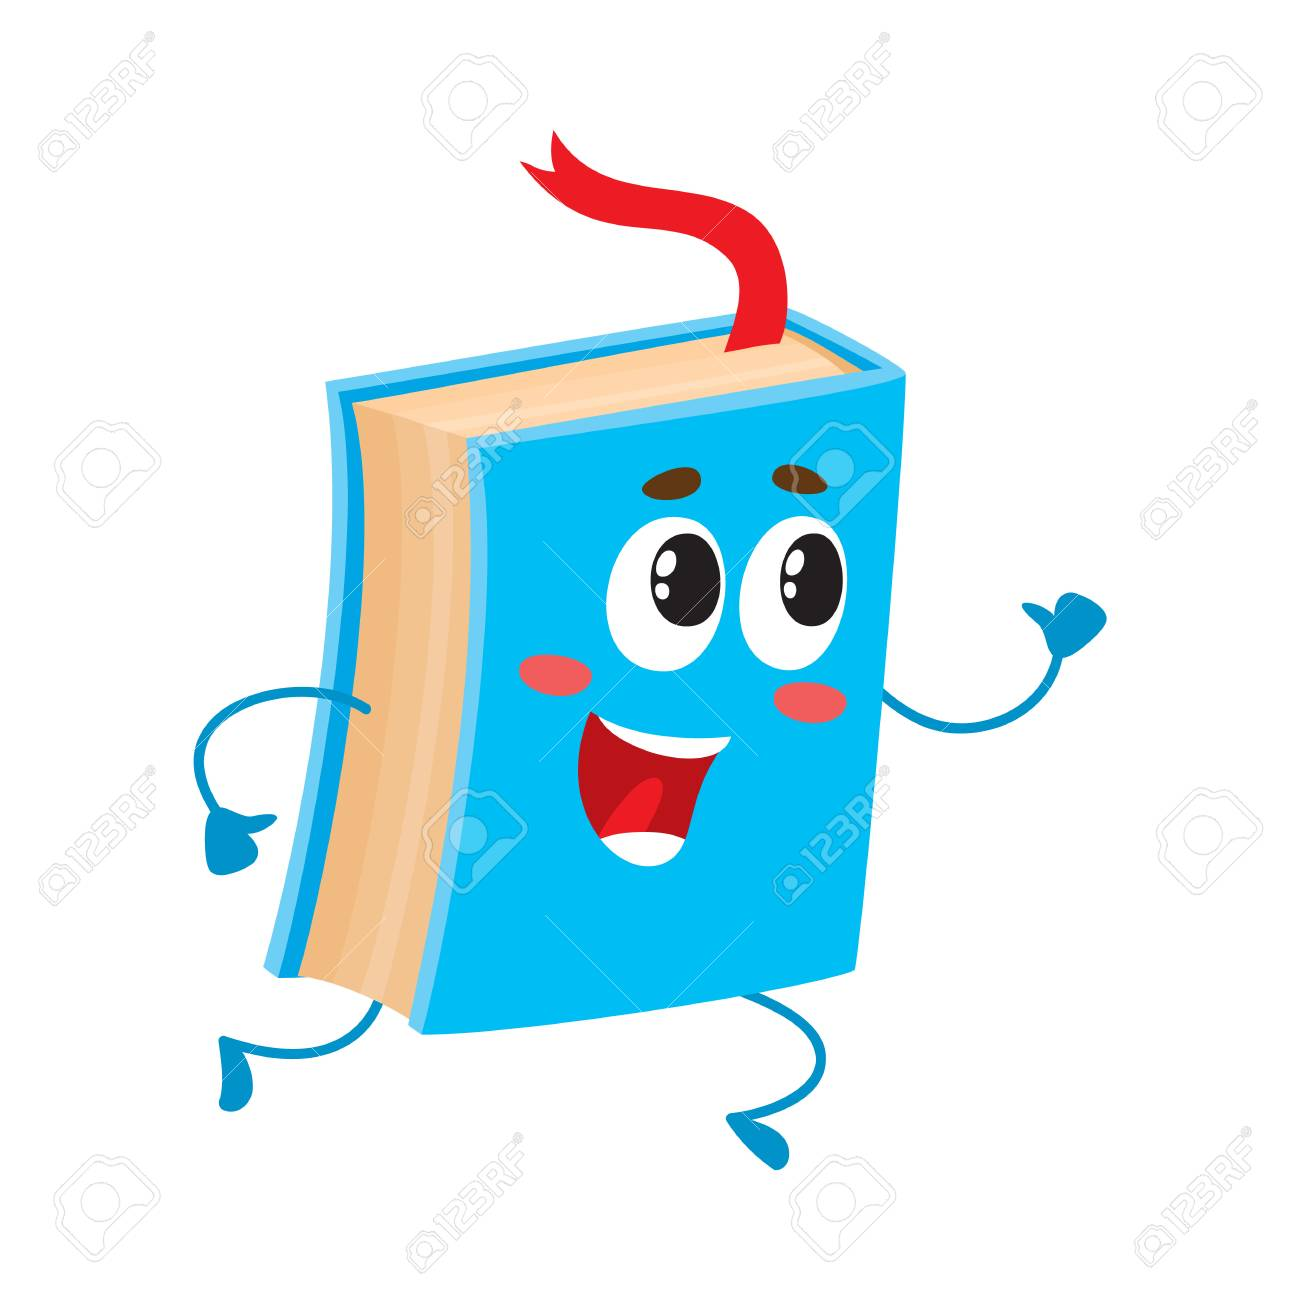 Caractere De Livre Drole En Cours D Execution Avec Ruban De Signet Visible Illustration De Vecteur De Dessin Anime Isole Sur Fond Blanc Livre Bleu